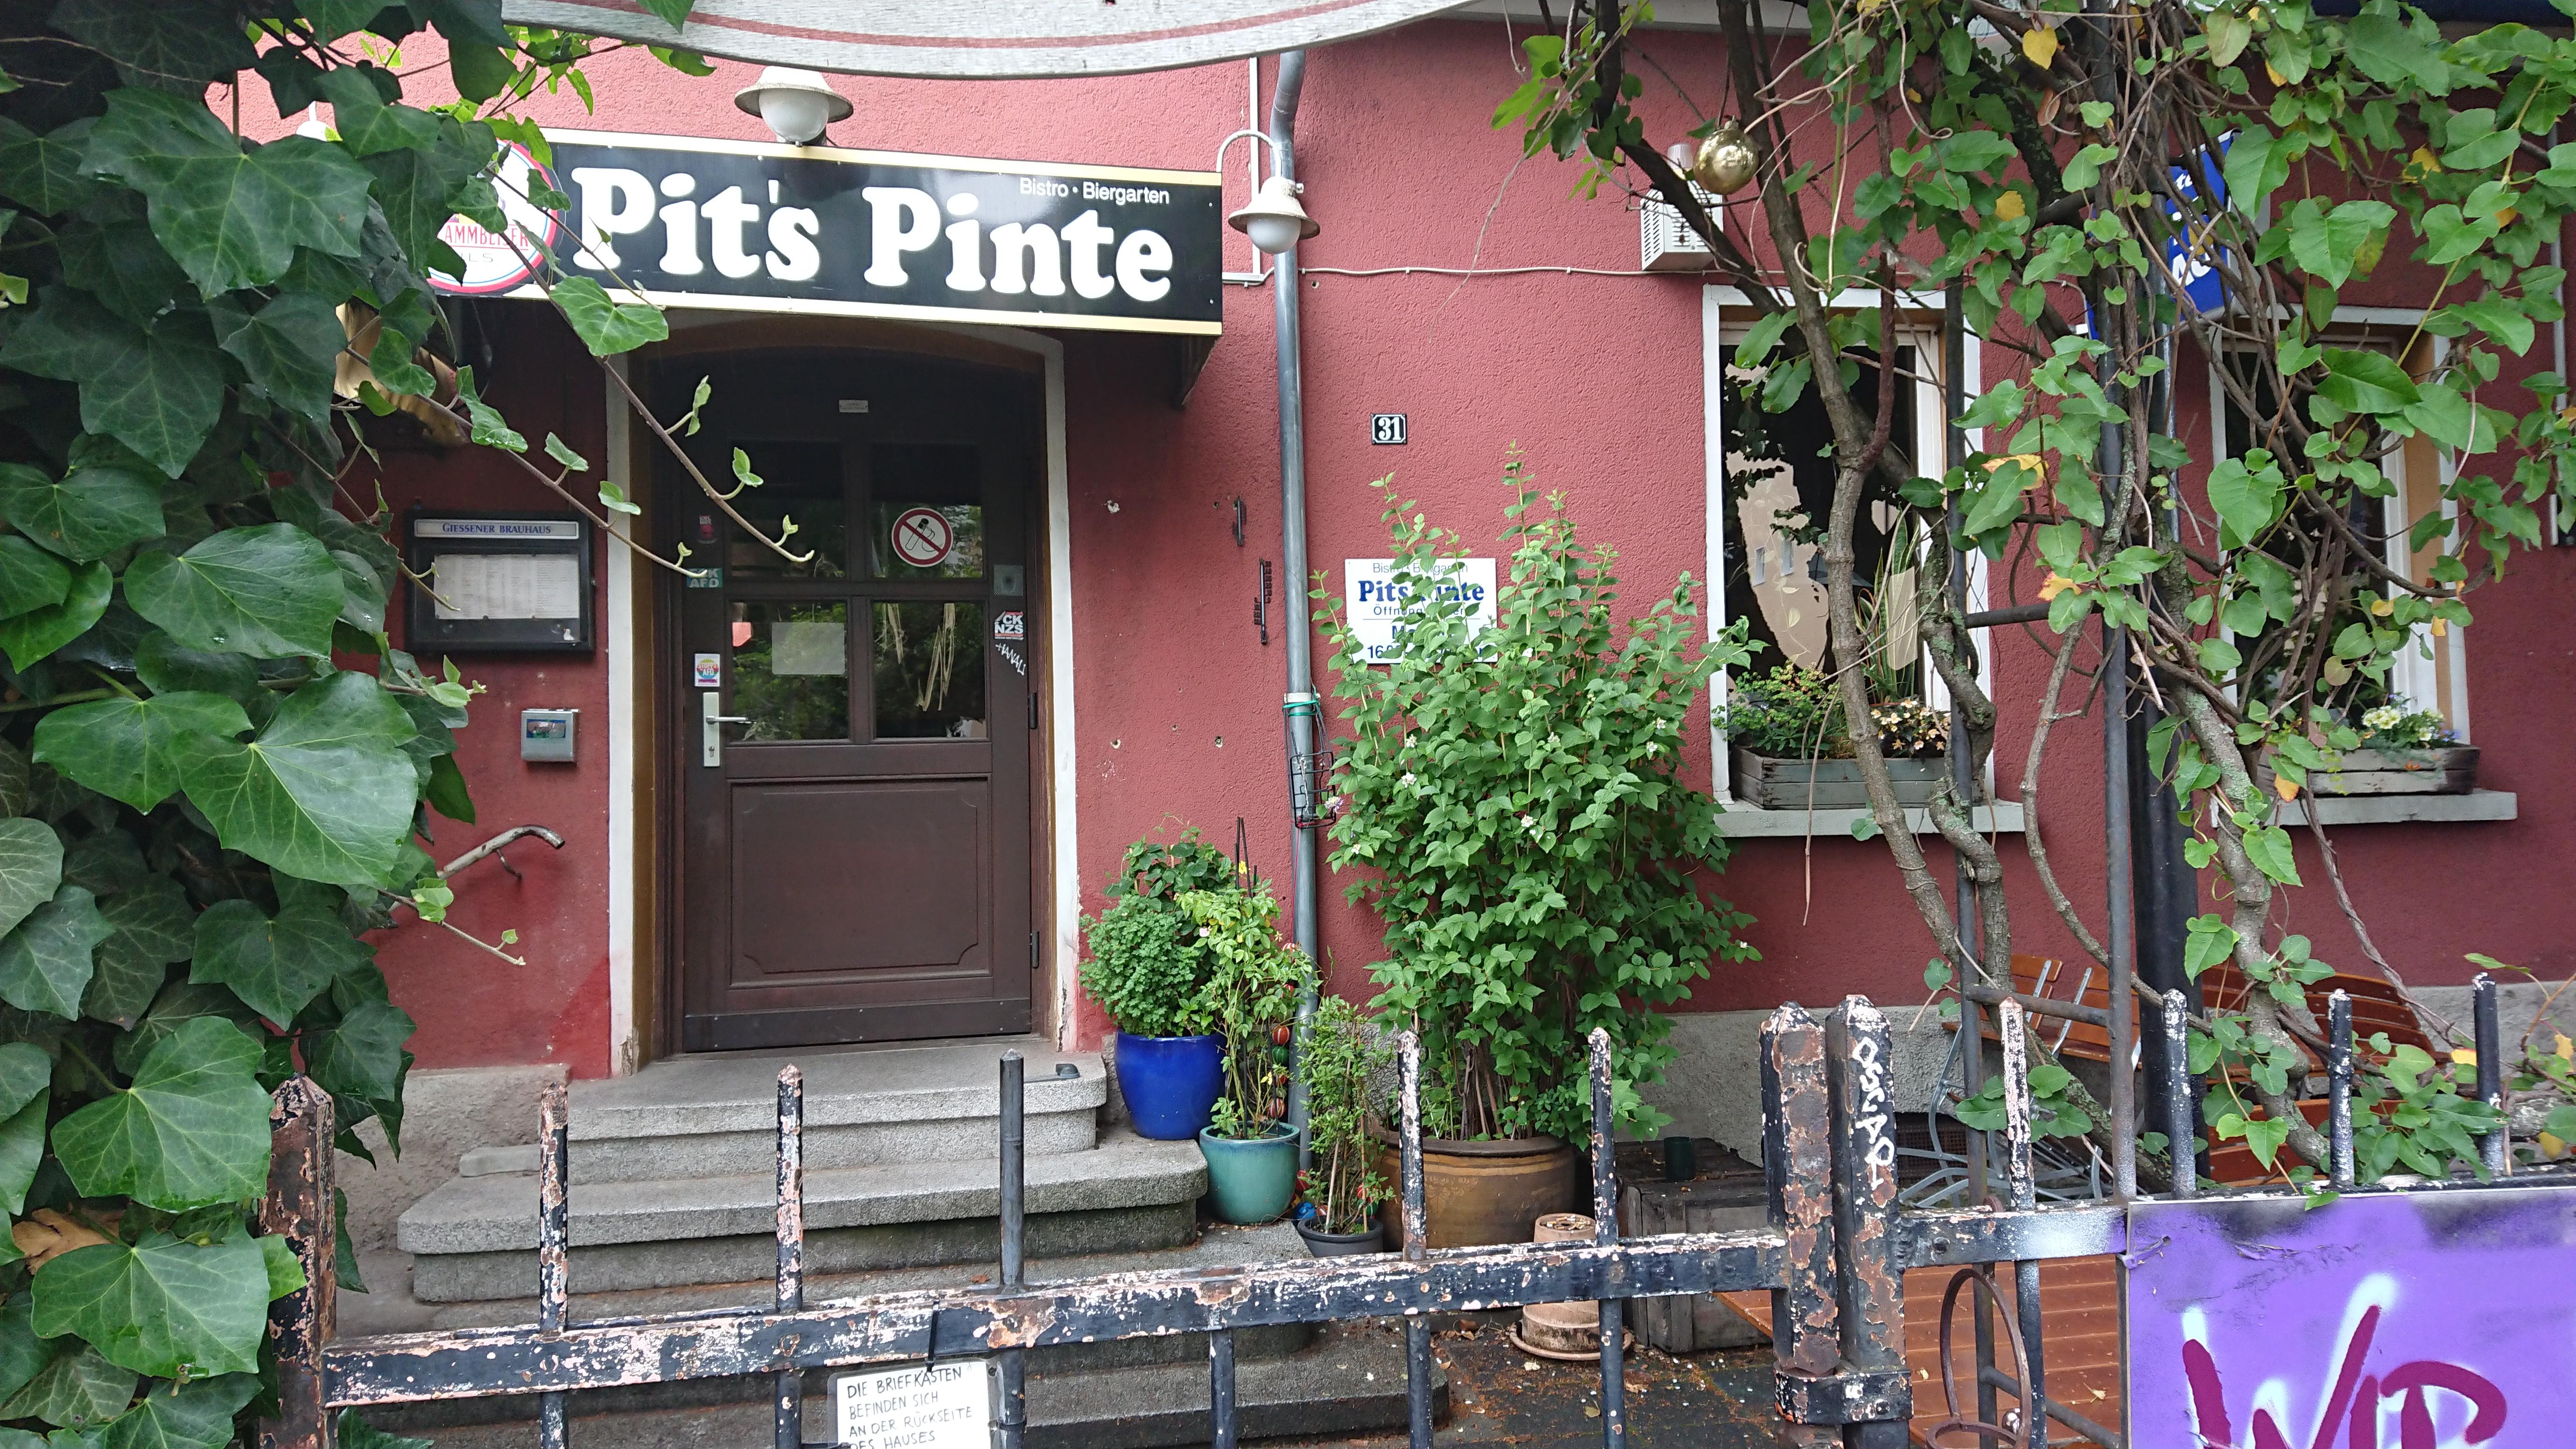 Pit's Pinte 2